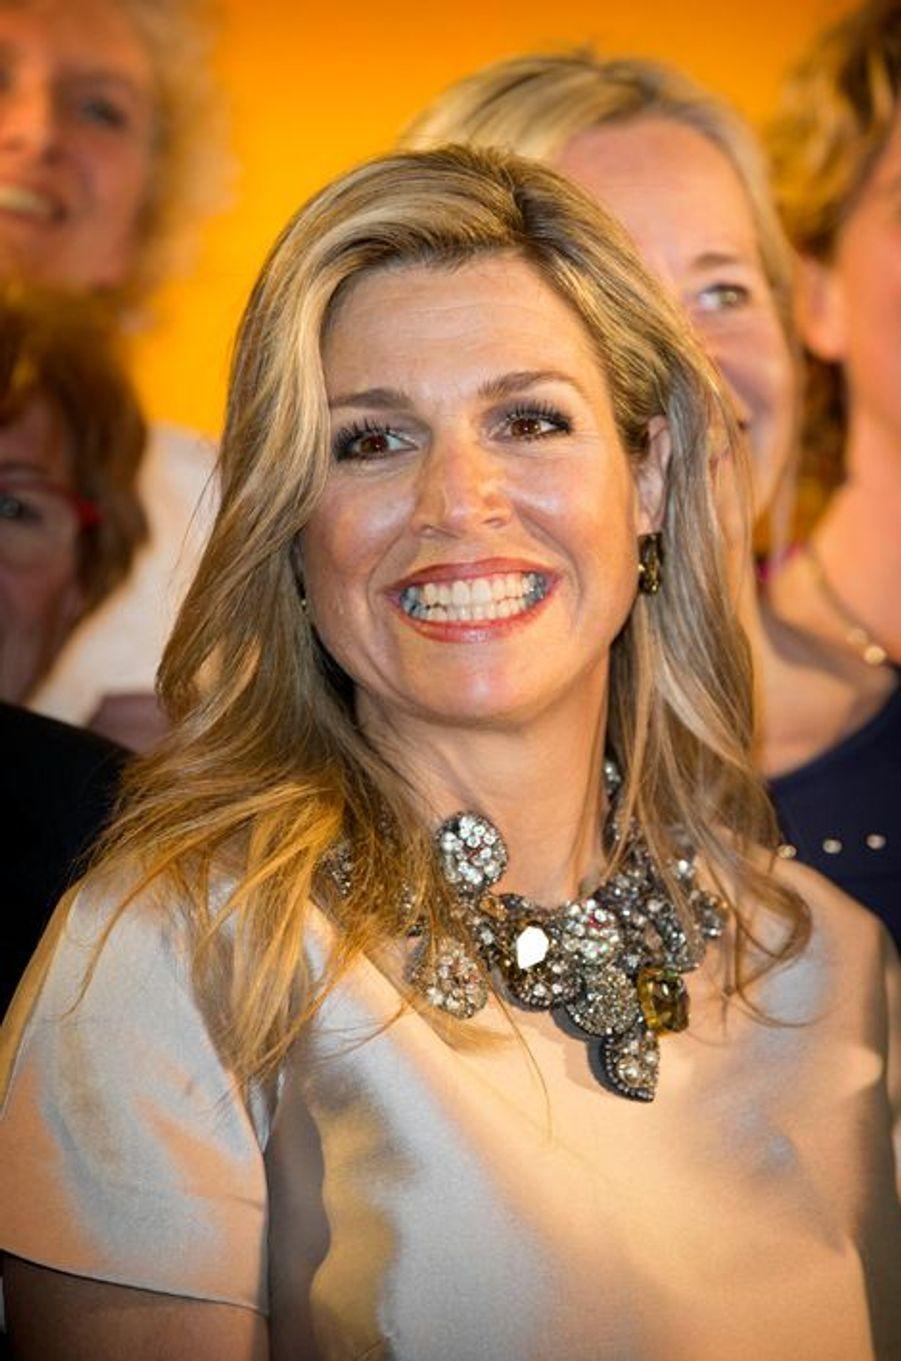 La reine Maxima des Pays-Bas était ce lundi 21 mars au soir à Noordwijk, à l'occasion de la remise du Prix Veuve Clicquot décerné dans son pays.Chaque dimanche, le Royal Blog de Paris Match vous propose de voir ou revoir les plus belles photographies de la semaine royale.